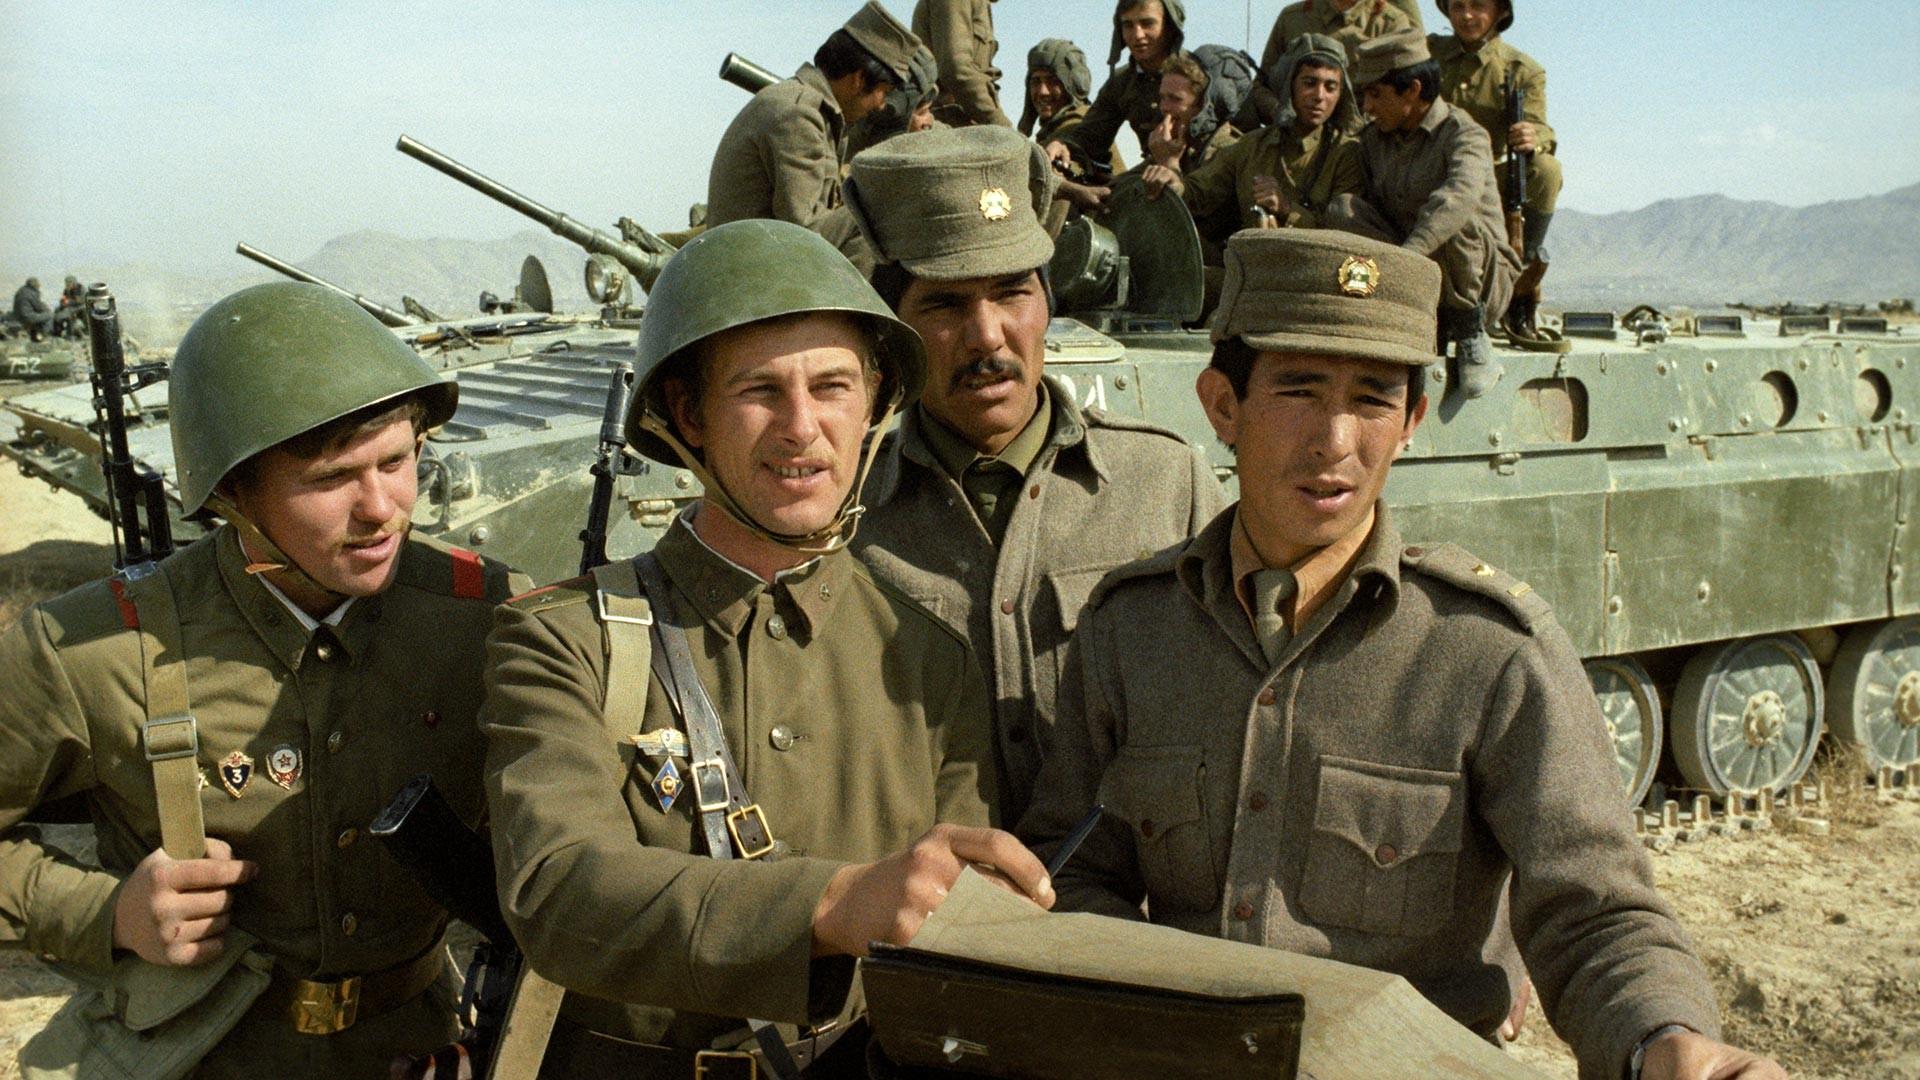 Sovjetski i afganistanski vojnici.